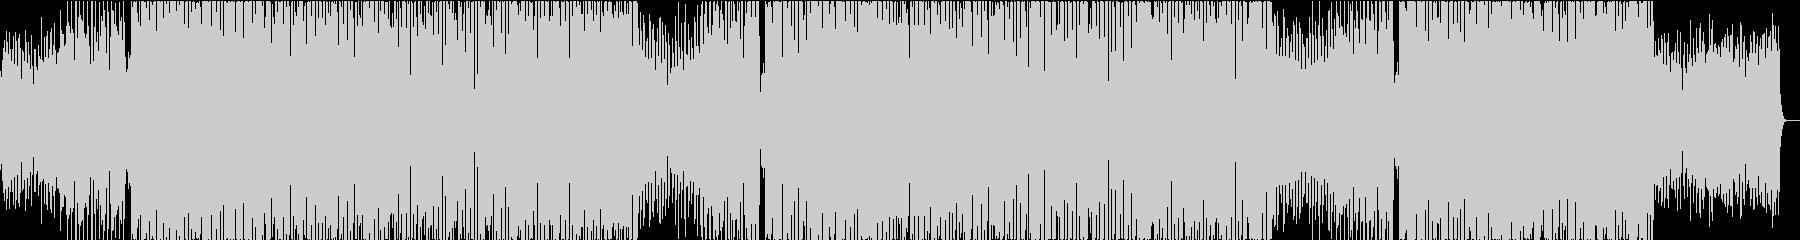 和風・ボサノバ・美しいメロディの未再生の波形